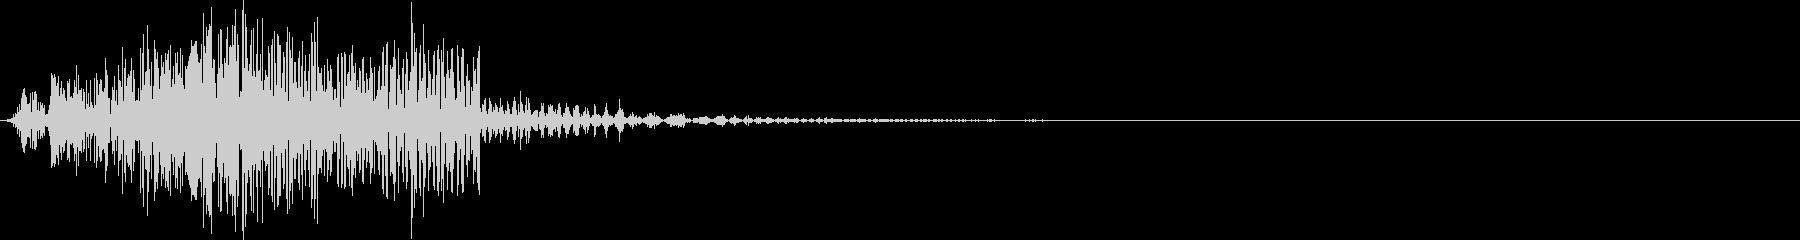 【グリッチ】 FX_03 ヒューッ!の未再生の波形